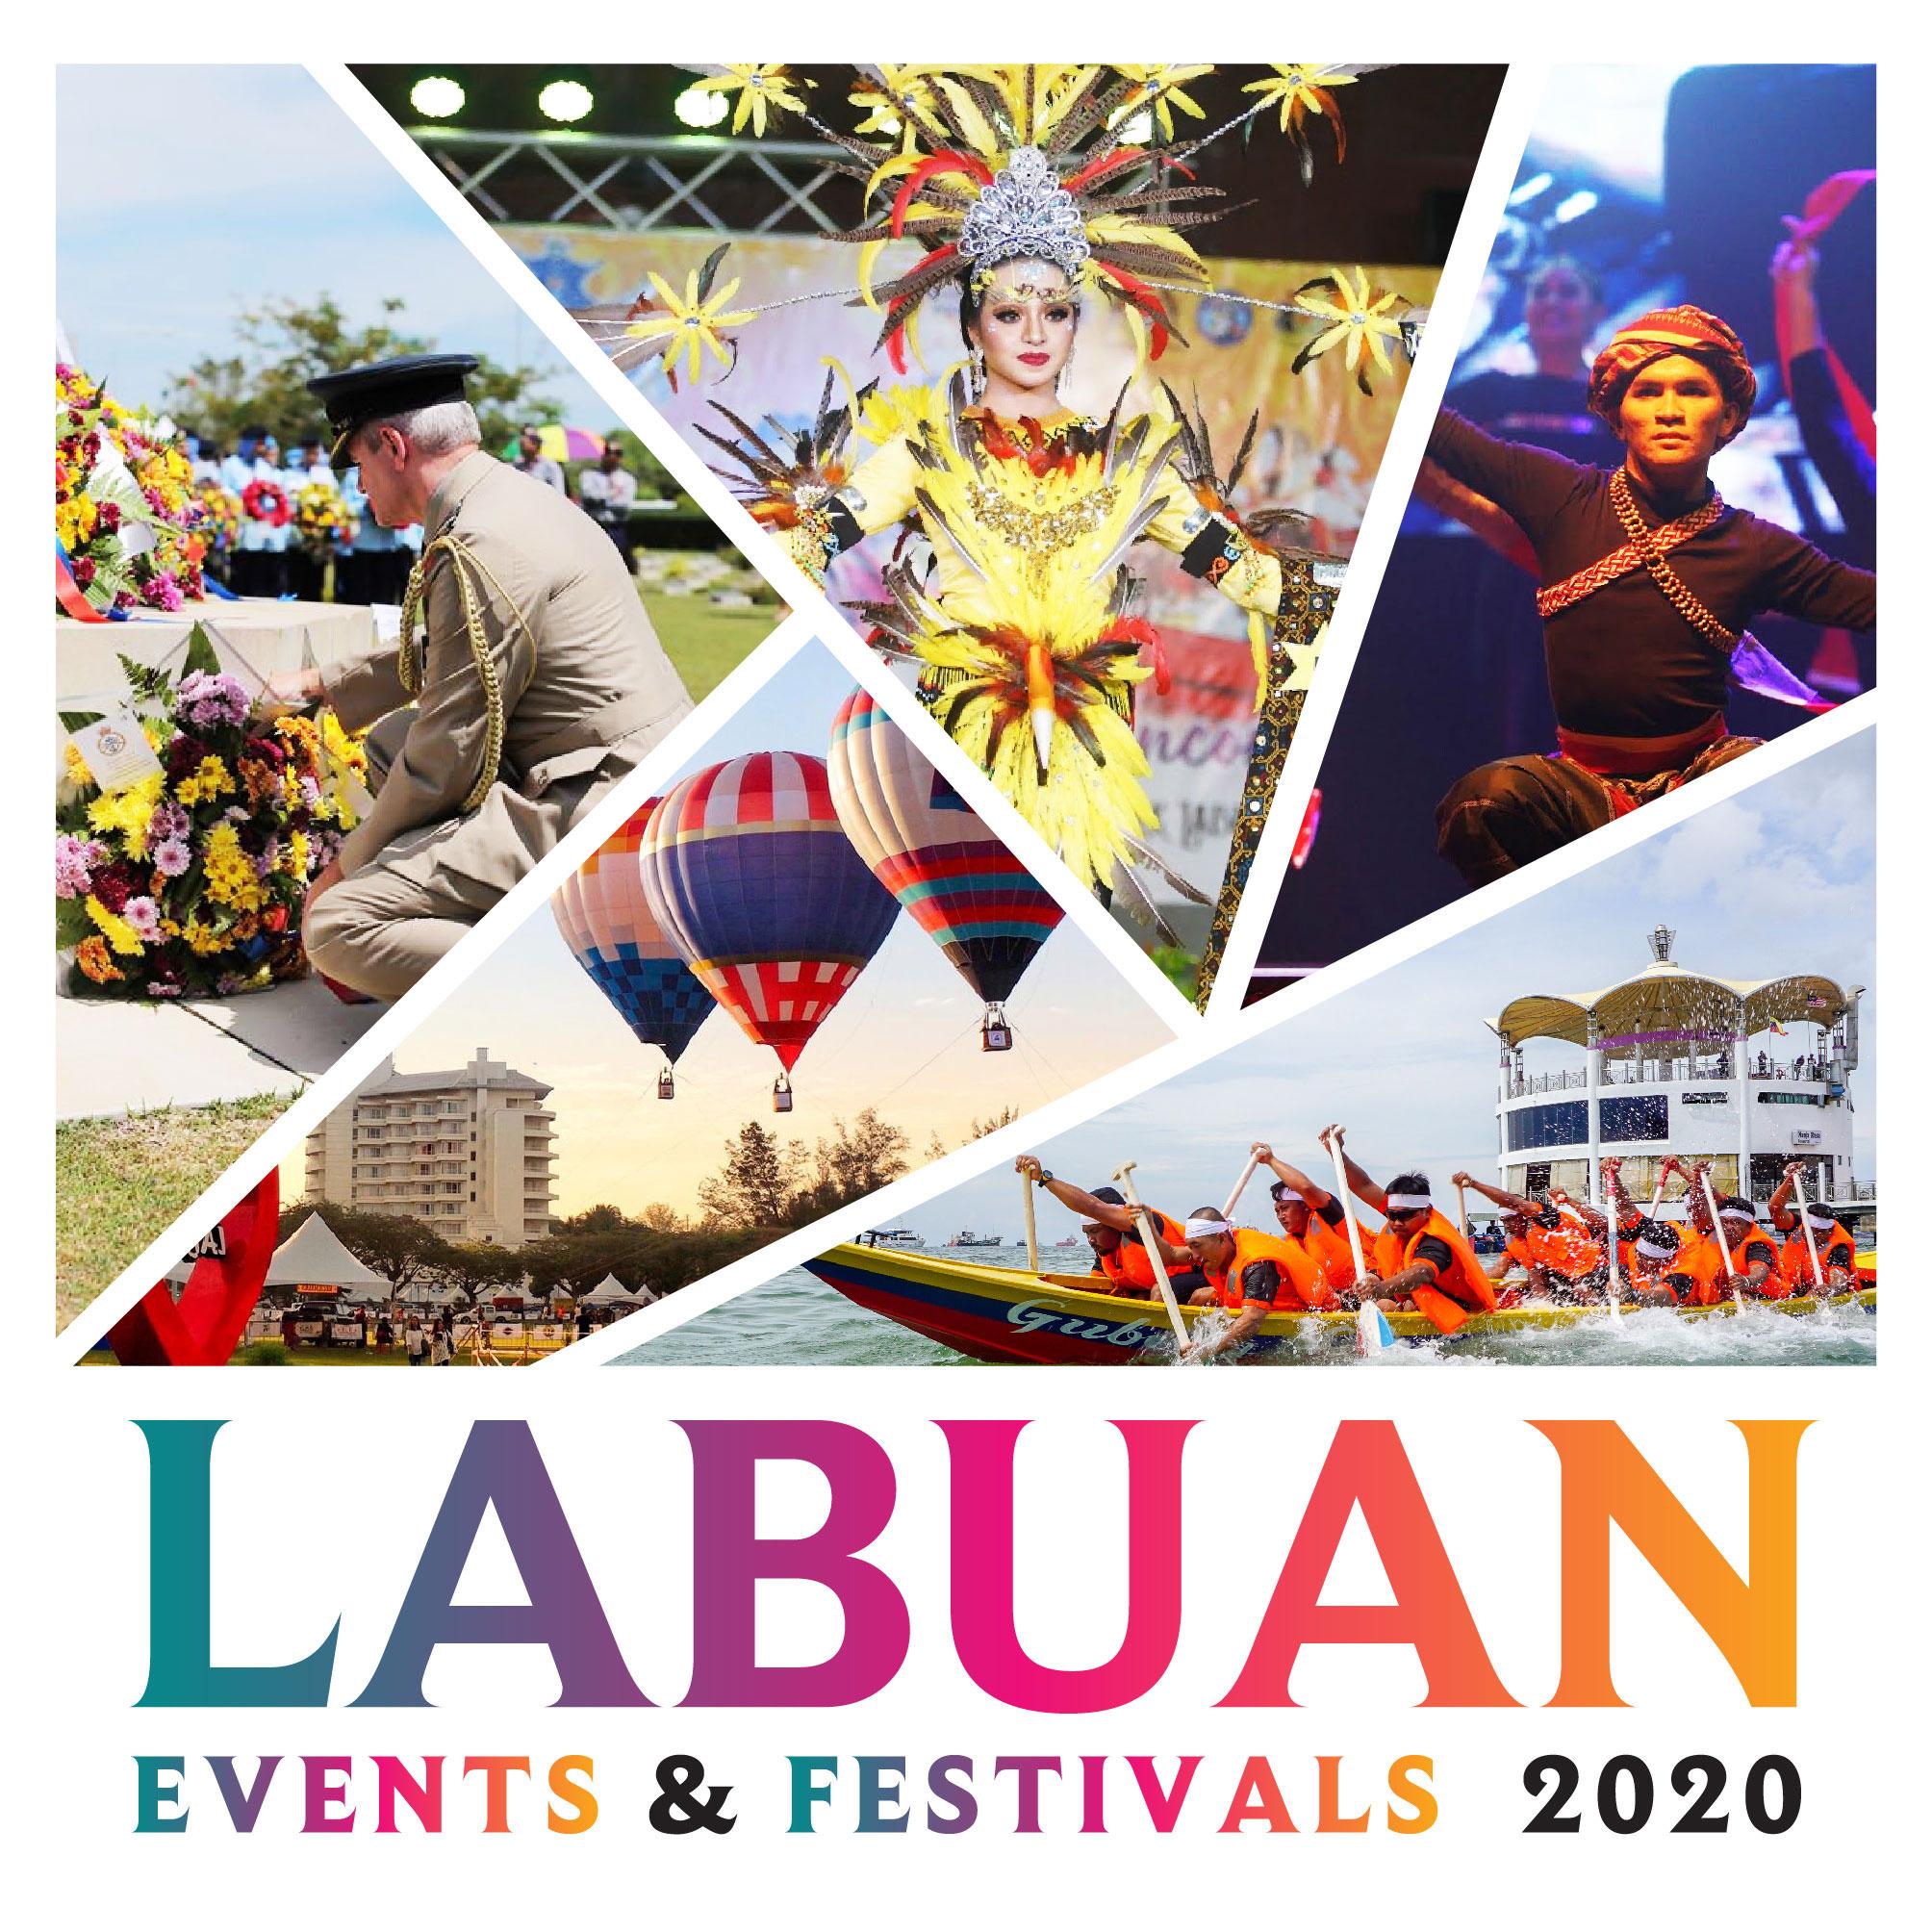 labuan event 2020